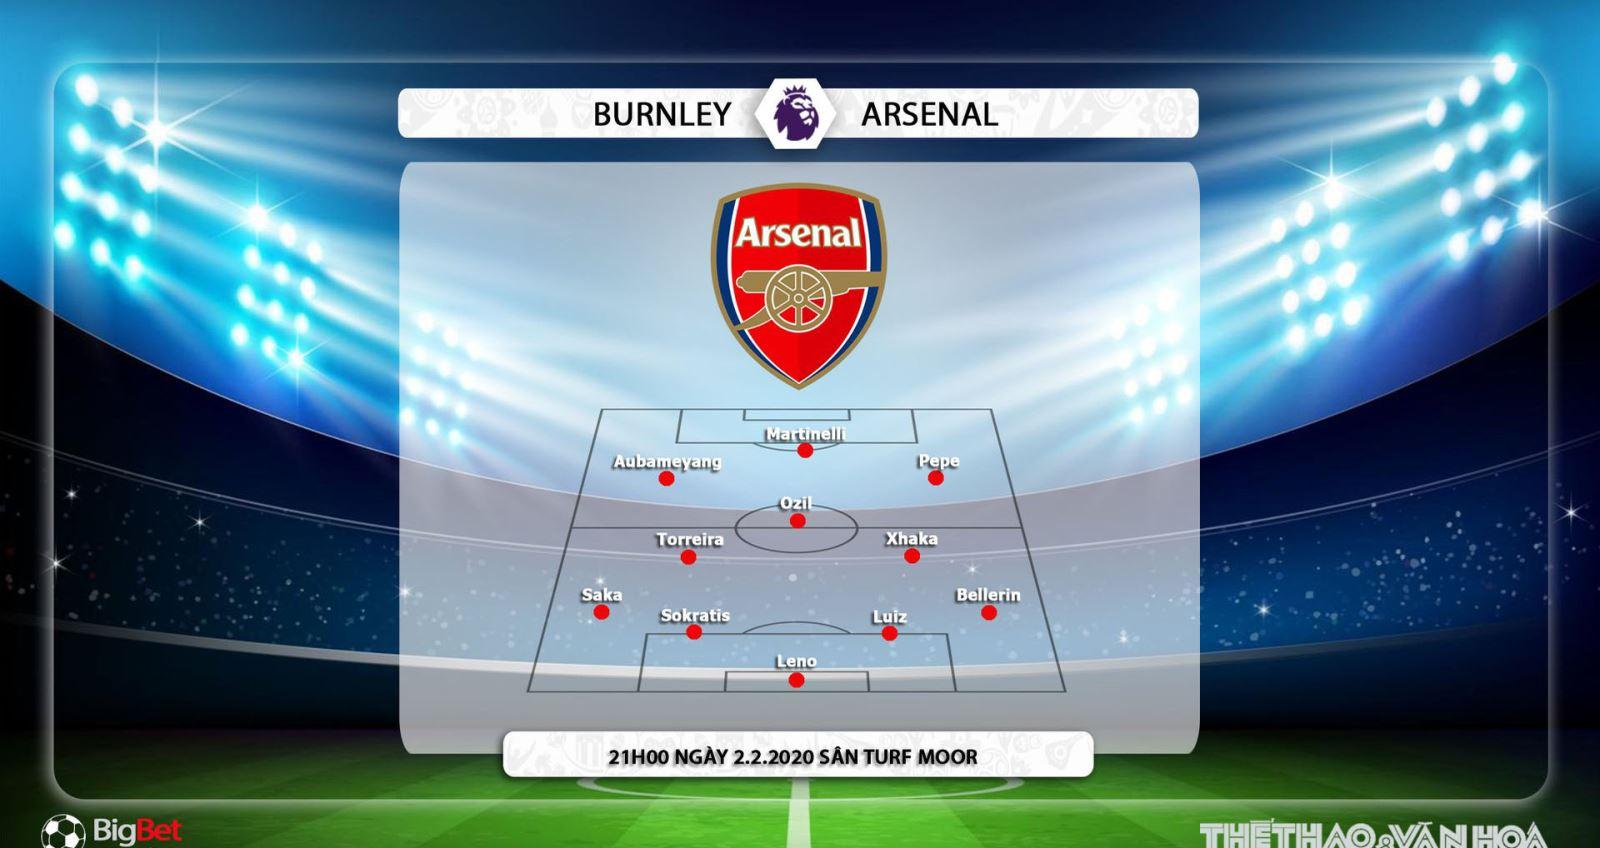 kèo nhà cái, keo nha cai, K+, K+PM truc tiep bong da hôm nay, kèo bóng đá, Burnley vs Arsenal, lịch thi đấu Ngoại hạng Anh, kèo Man City, bong da, bóng đá, BXH Anh